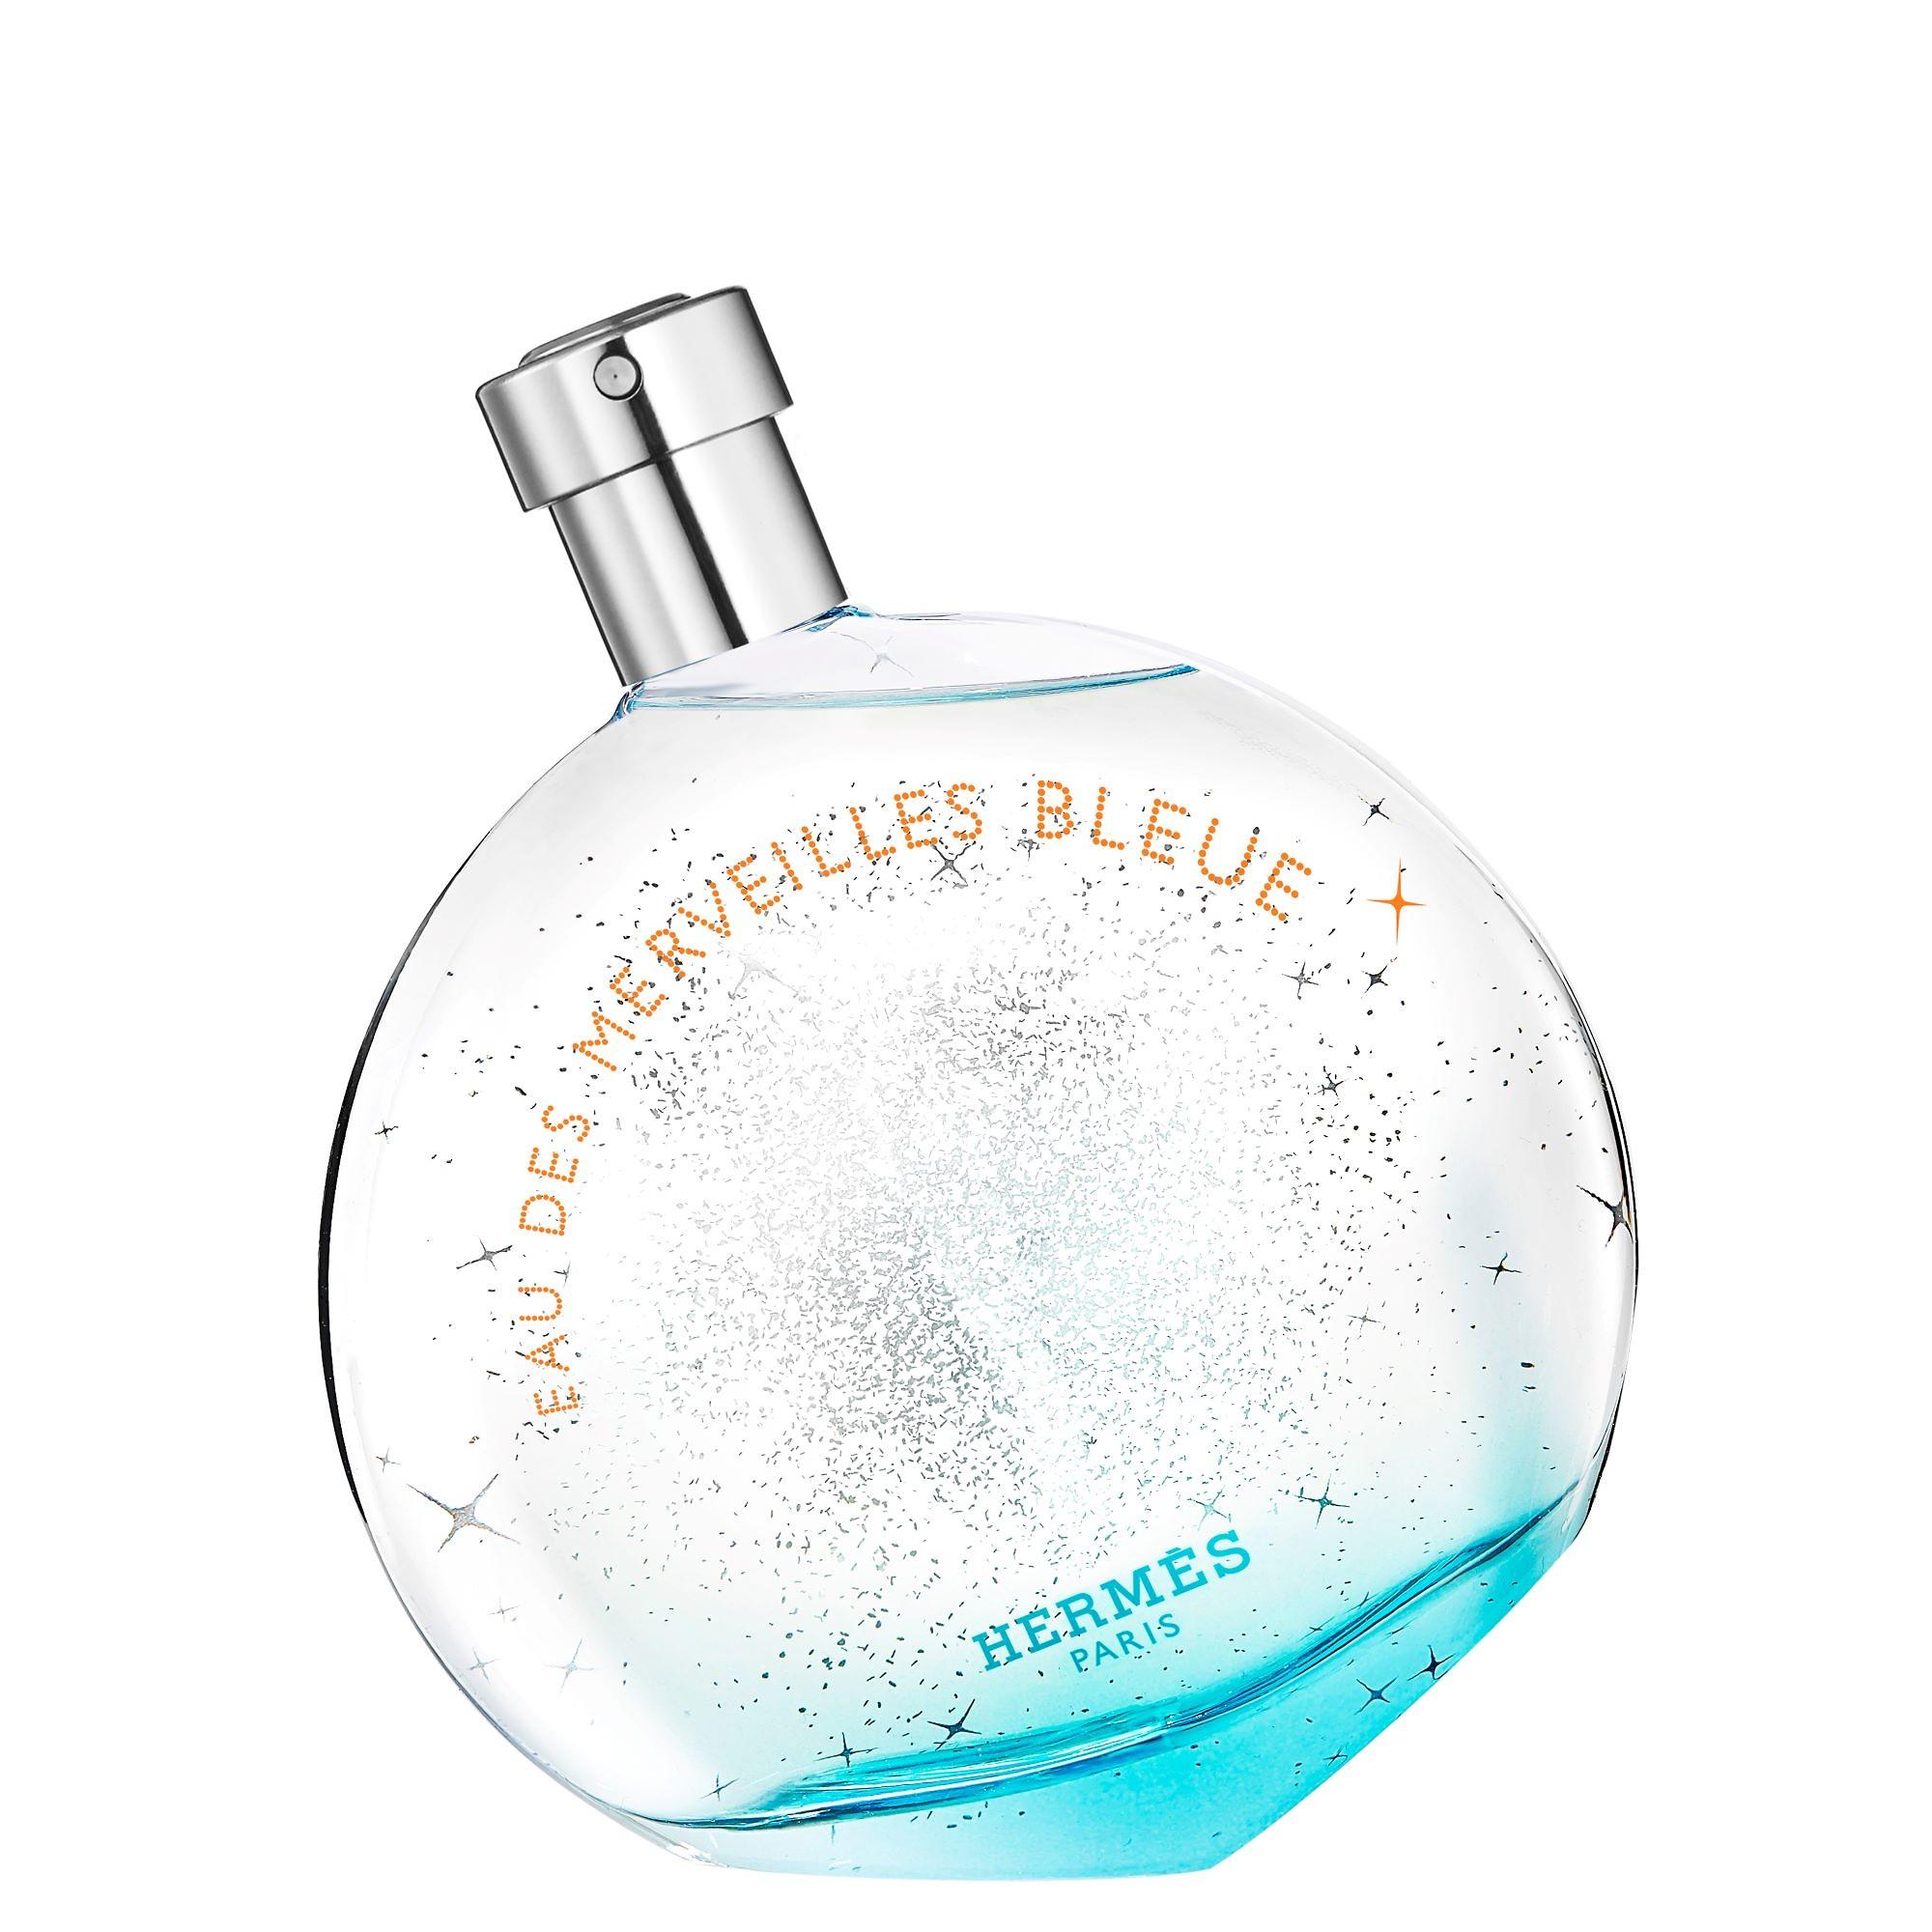 藍色橘彩星光(Eau des Merveilles Bleue)淡香水, 100 ml